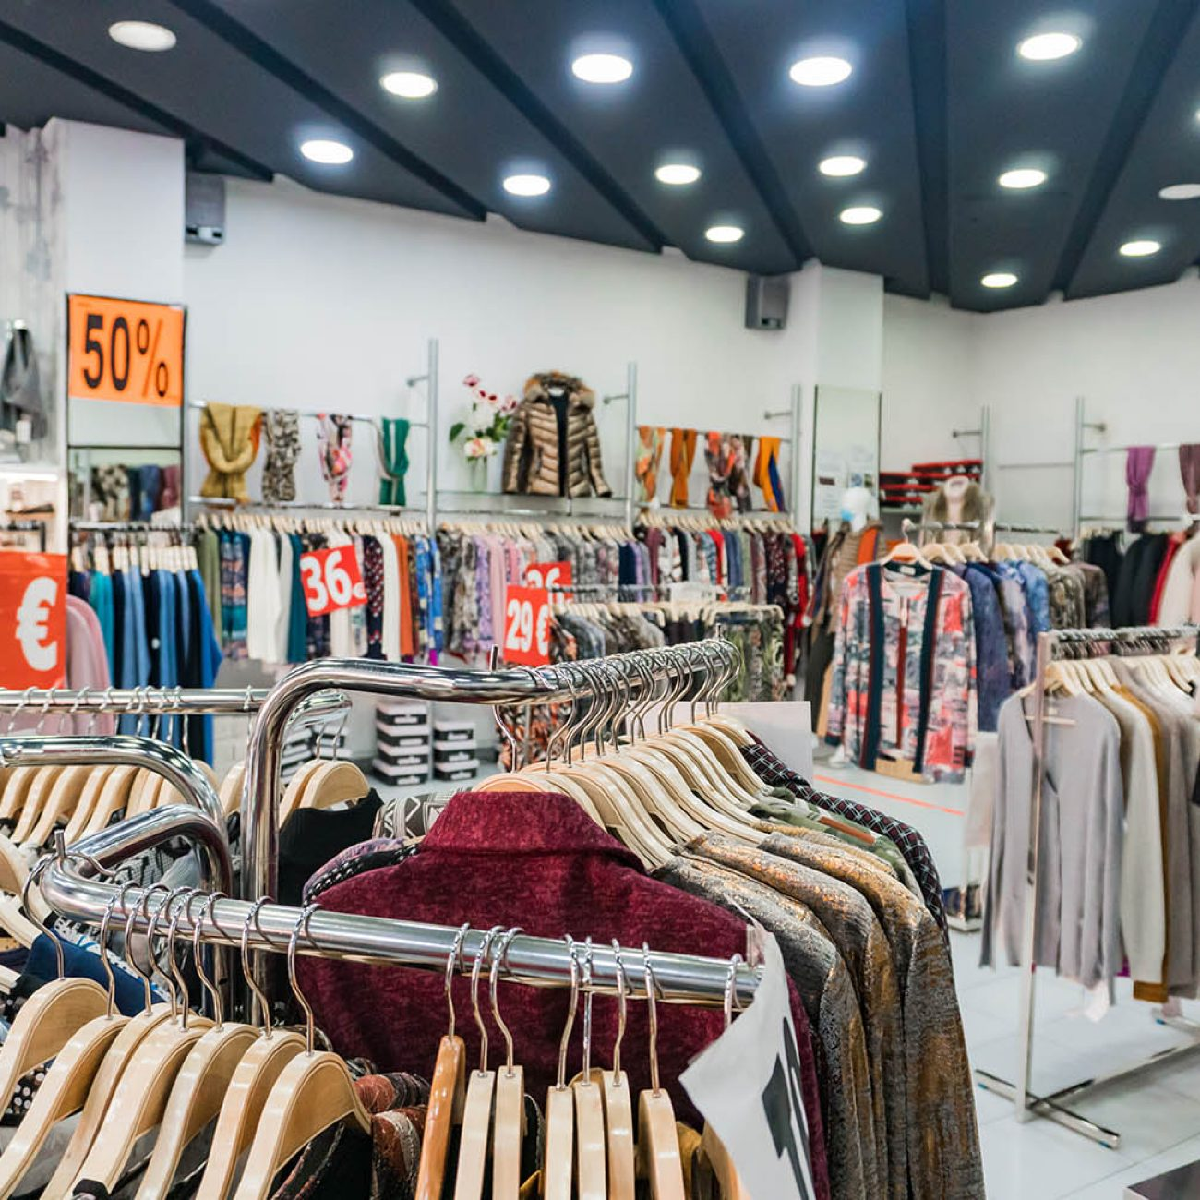 Modas Etxeberria, ropa y calzado en Deusto